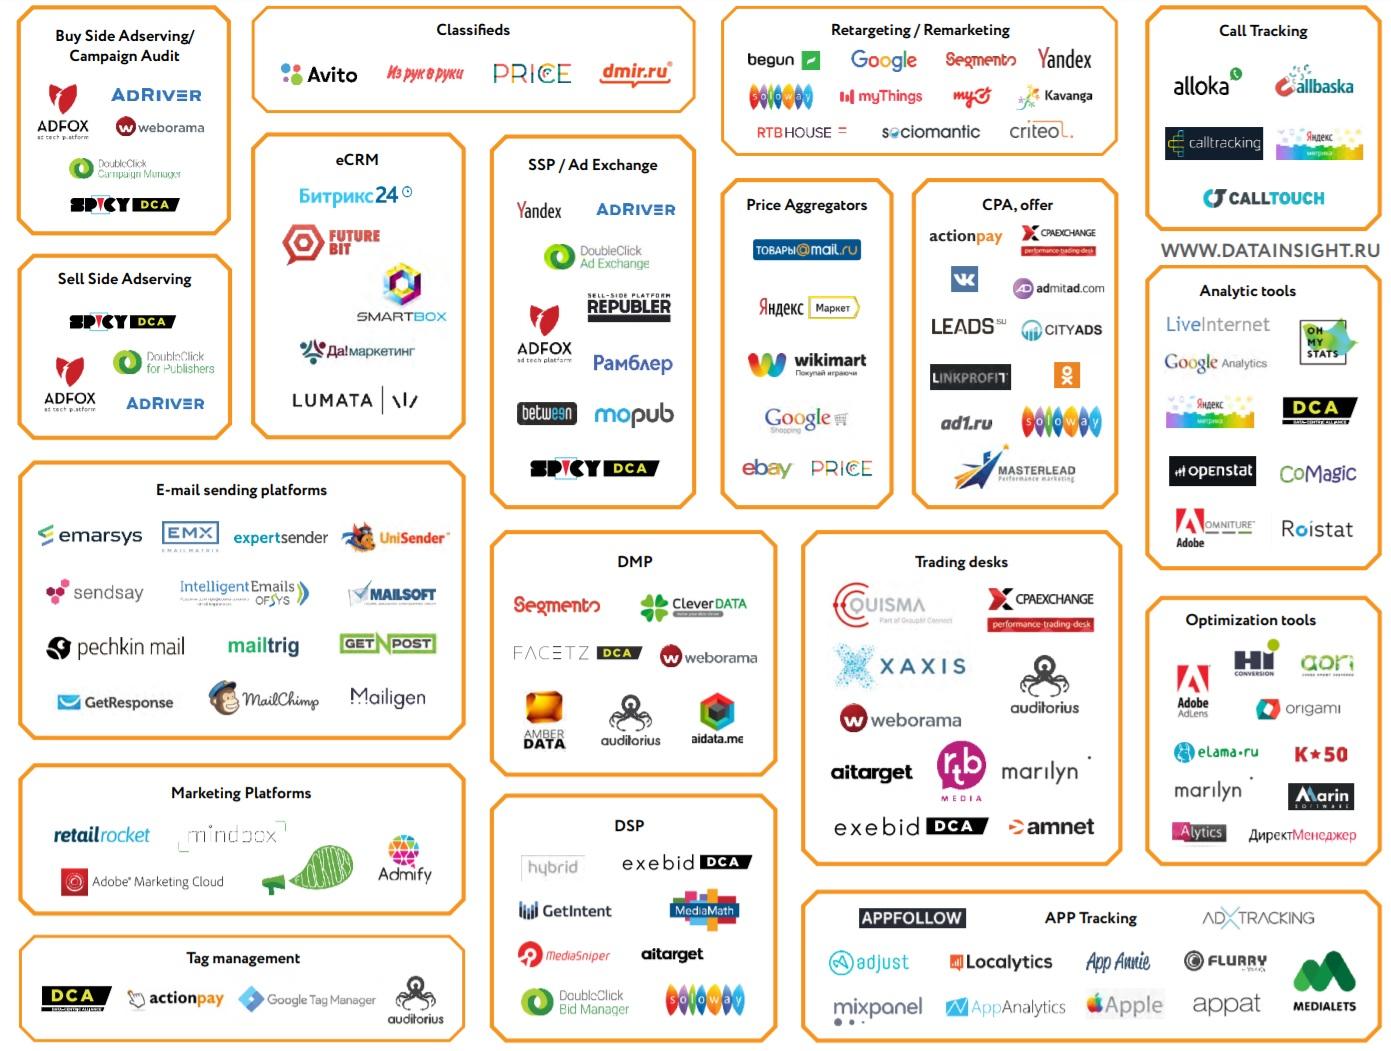 Технологическая карта performance marketing